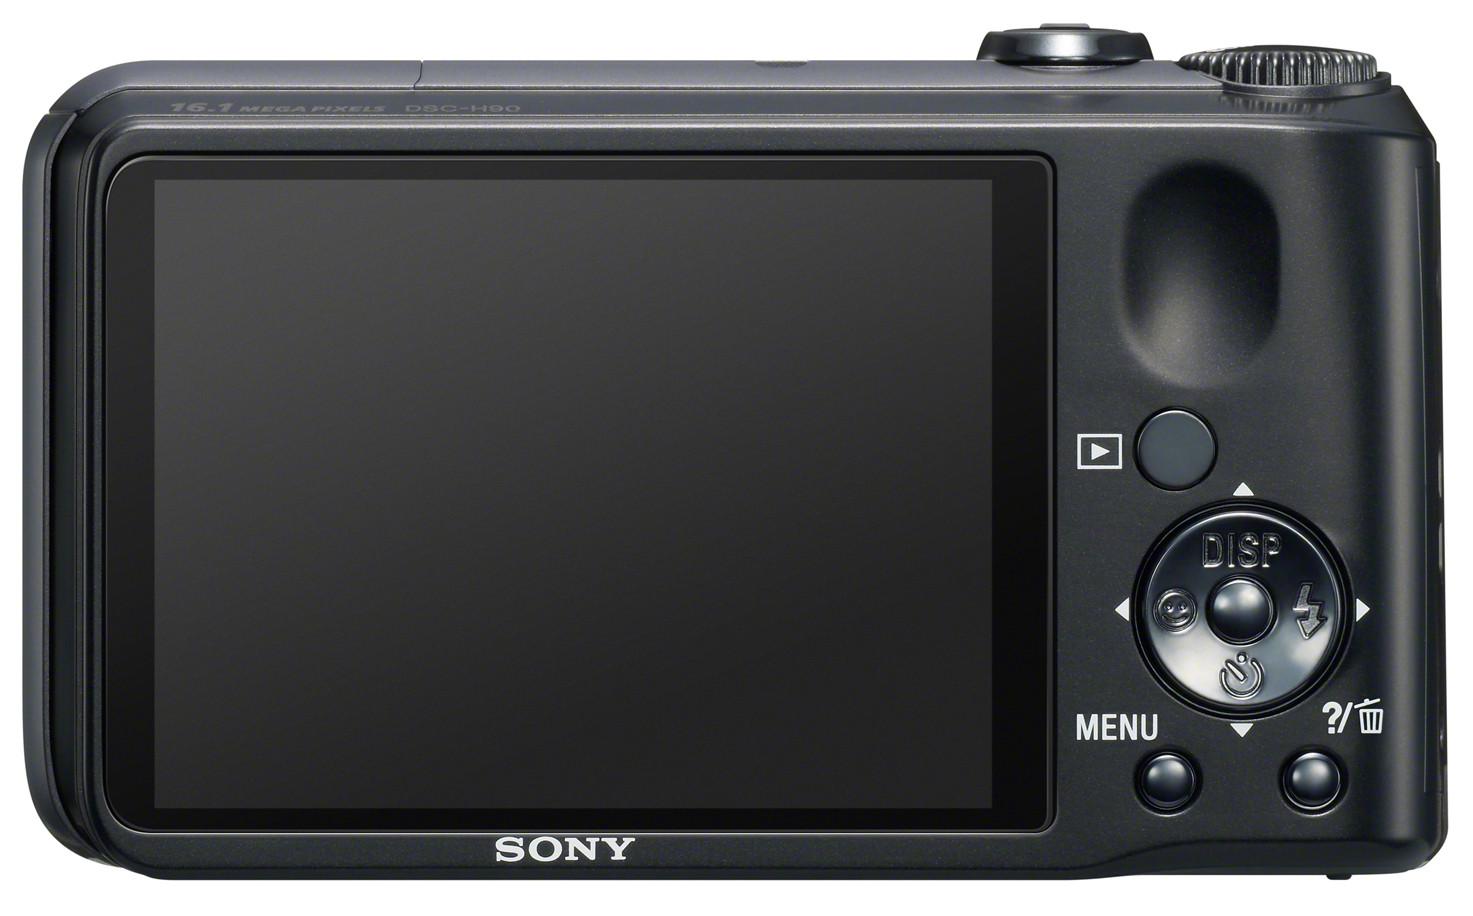 Sony CyberShot DSC-H90 Black